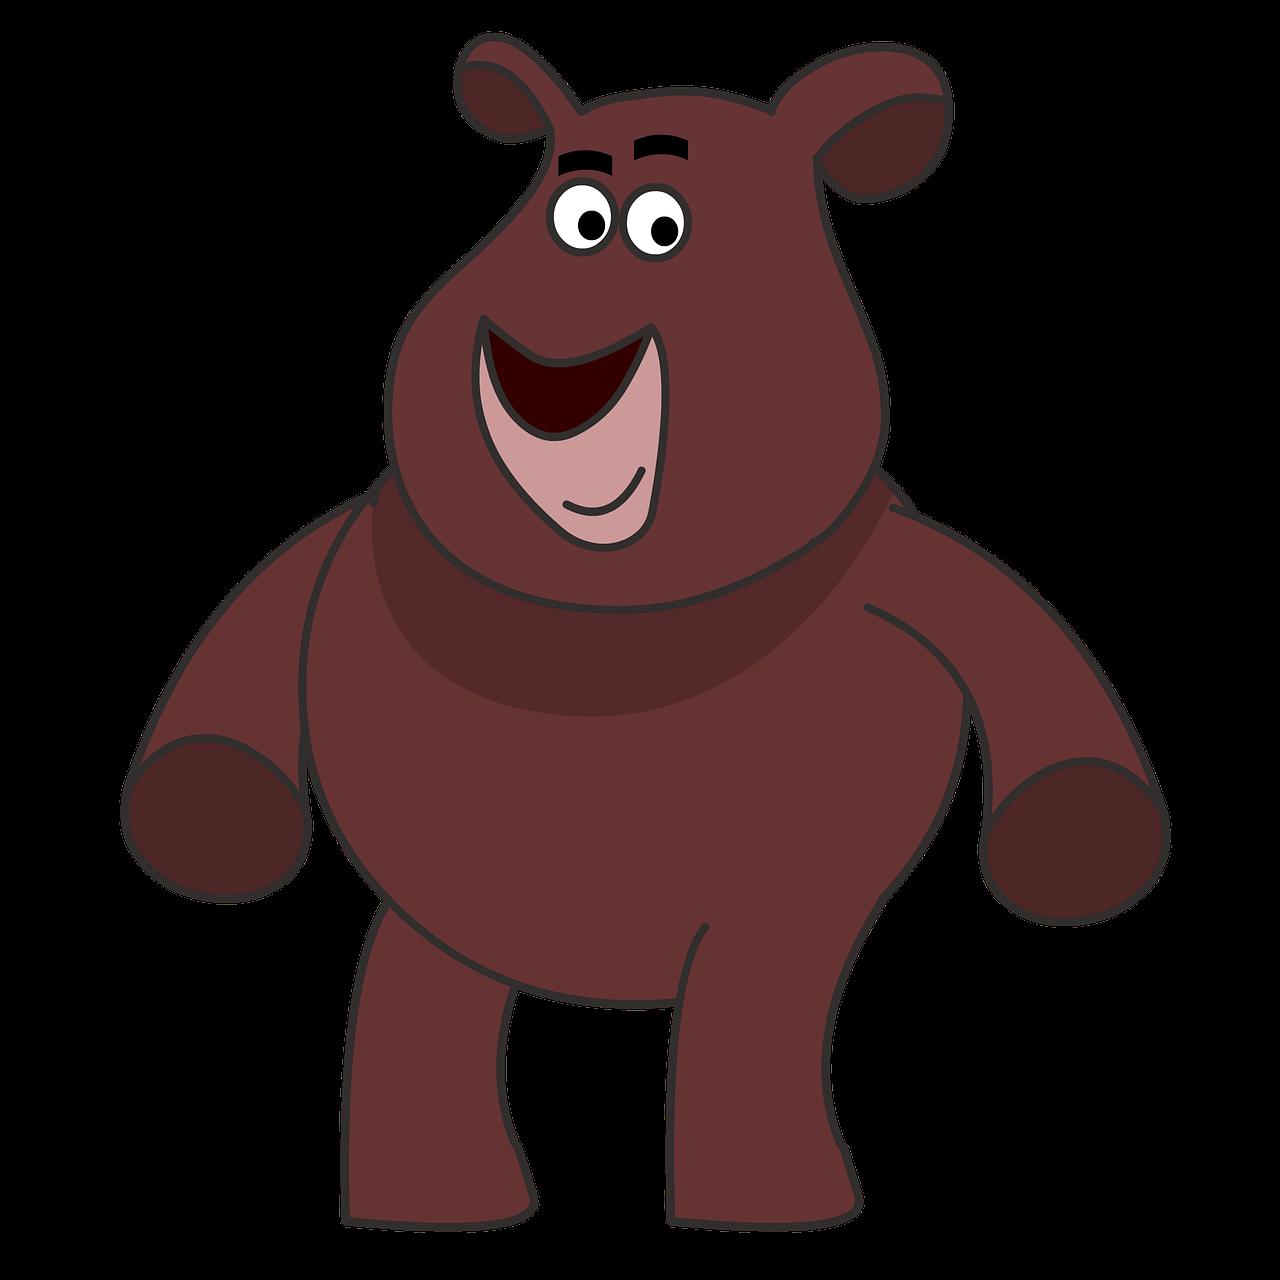 Teddy Kartun Lucu Gambar Gratis Di Pixabay